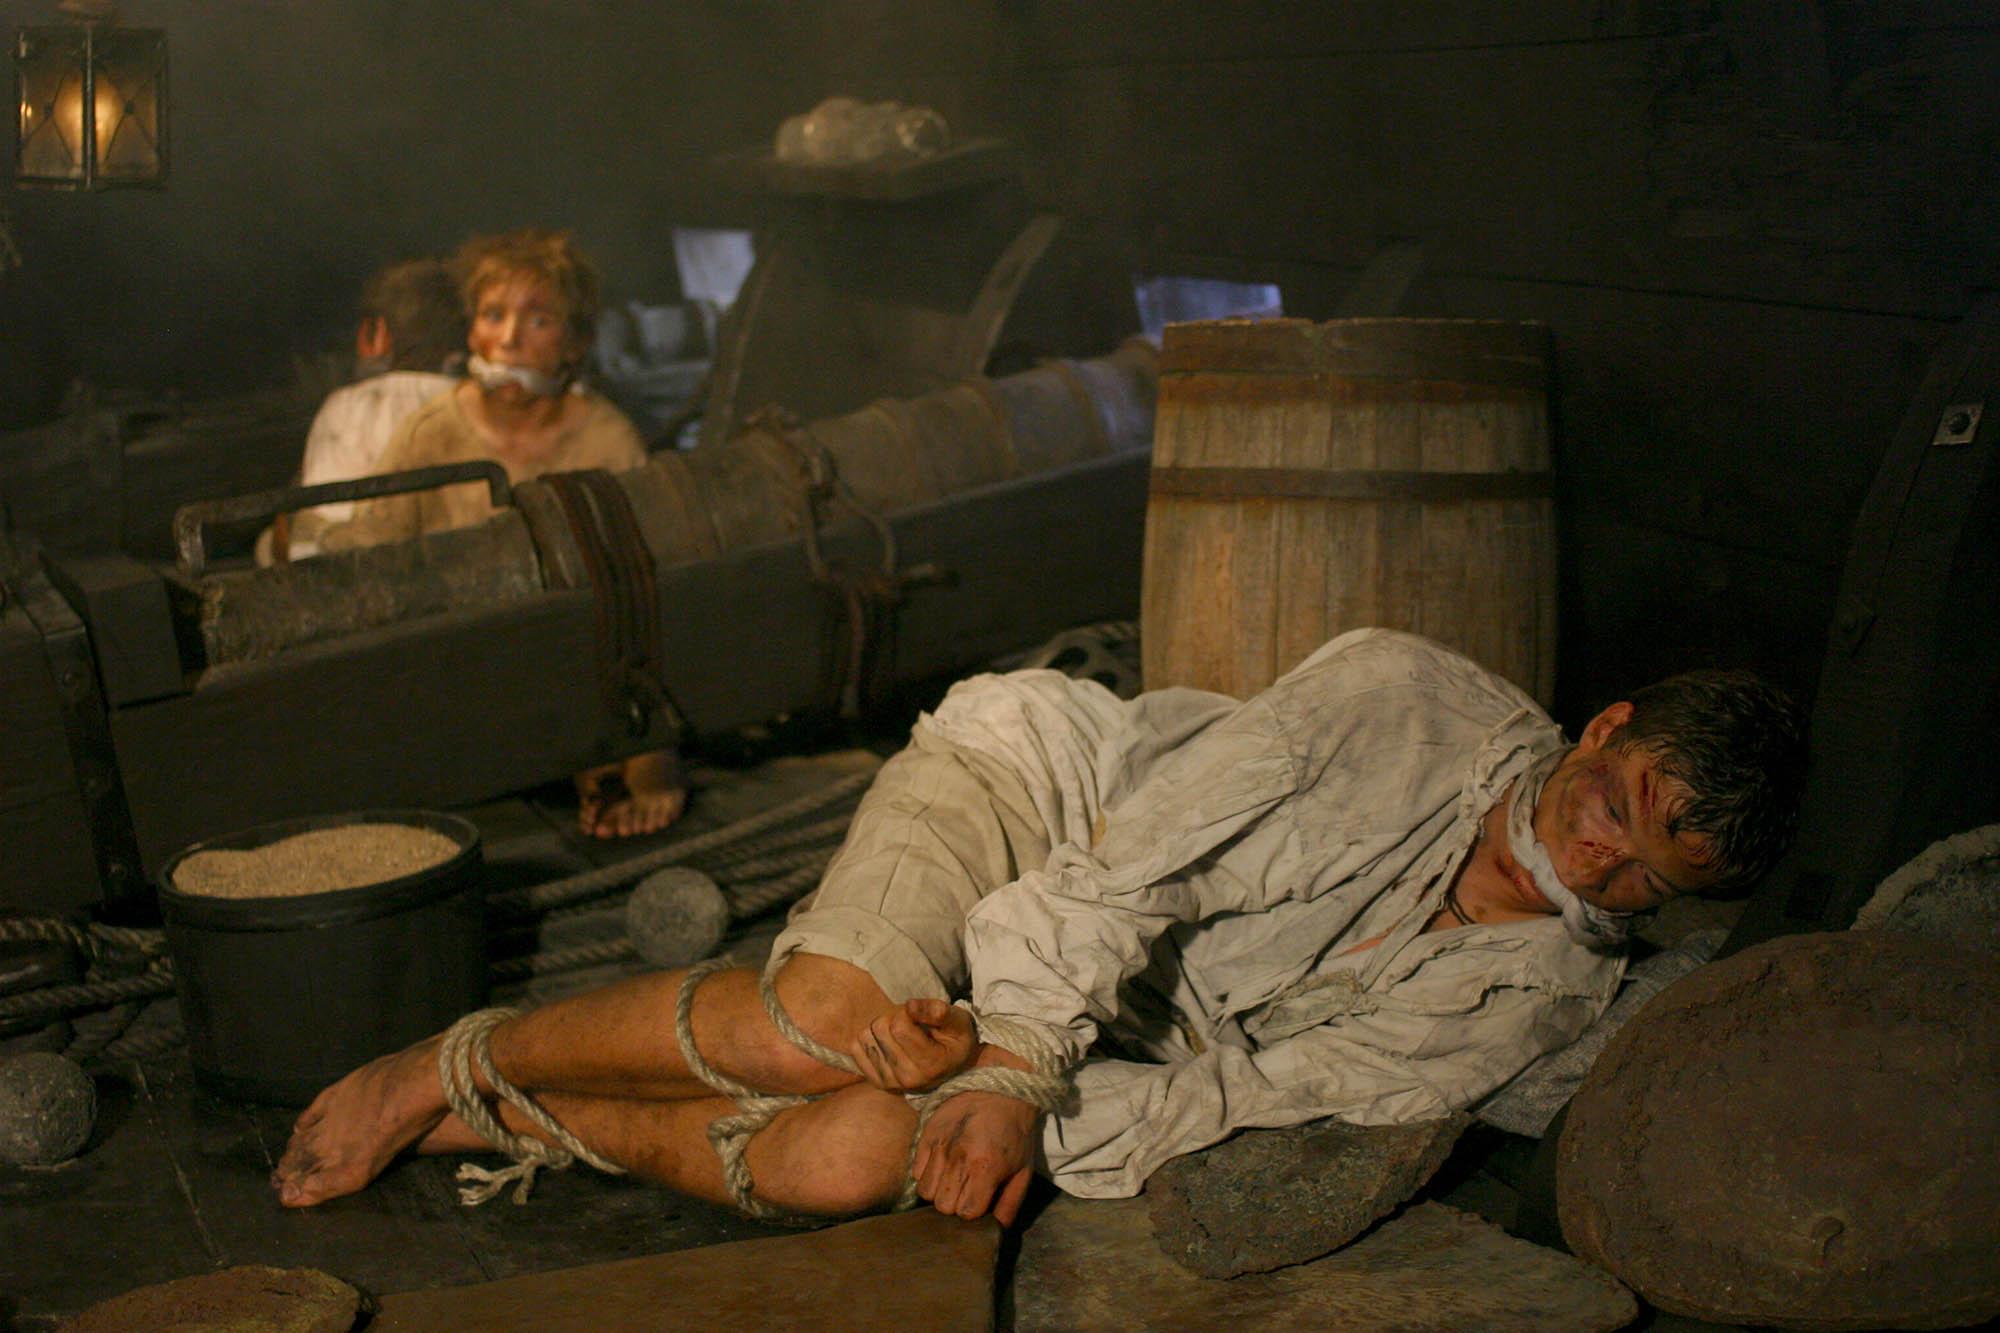 Hark Olufs 1721 . Von Seeräubern mit sein Cousins zusammen gefangen und auf dem Markt von Algier als Sklaven verkauft.